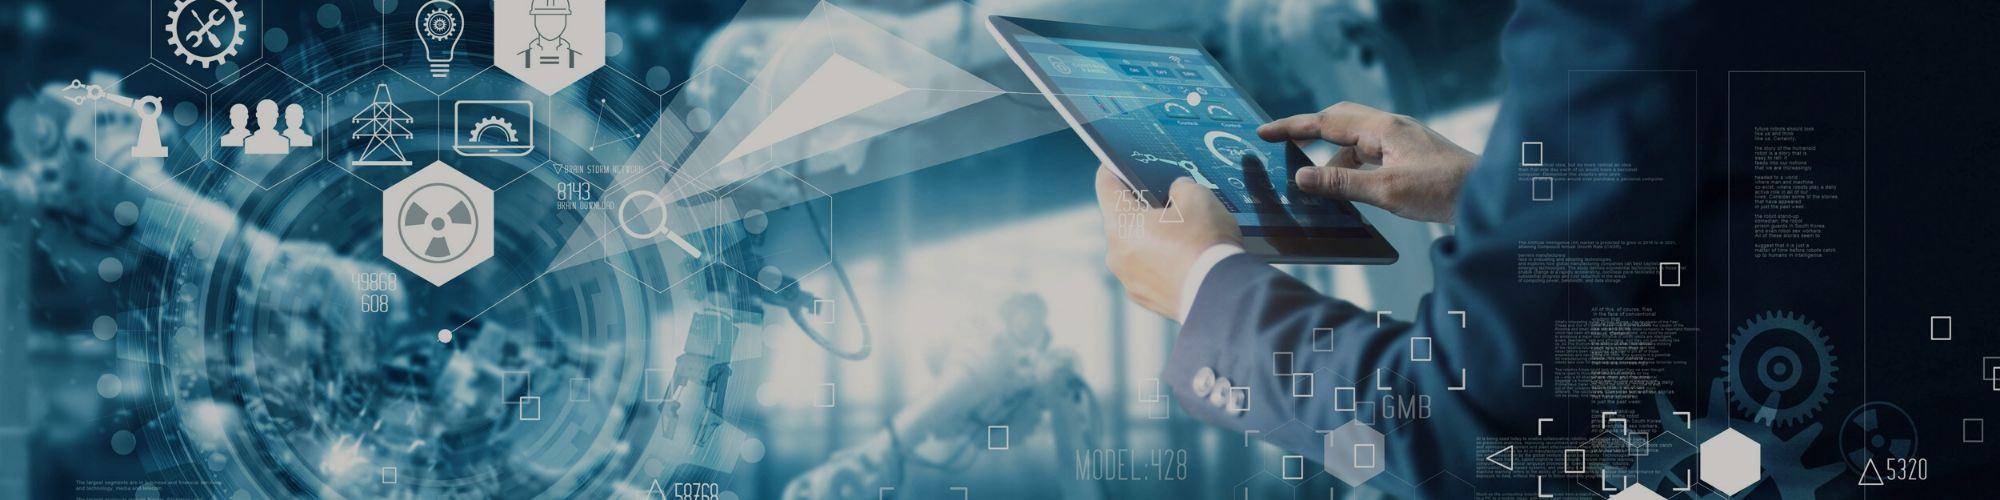 Pourquoi choisir la formation MBA ESG intelligence artificielle ?